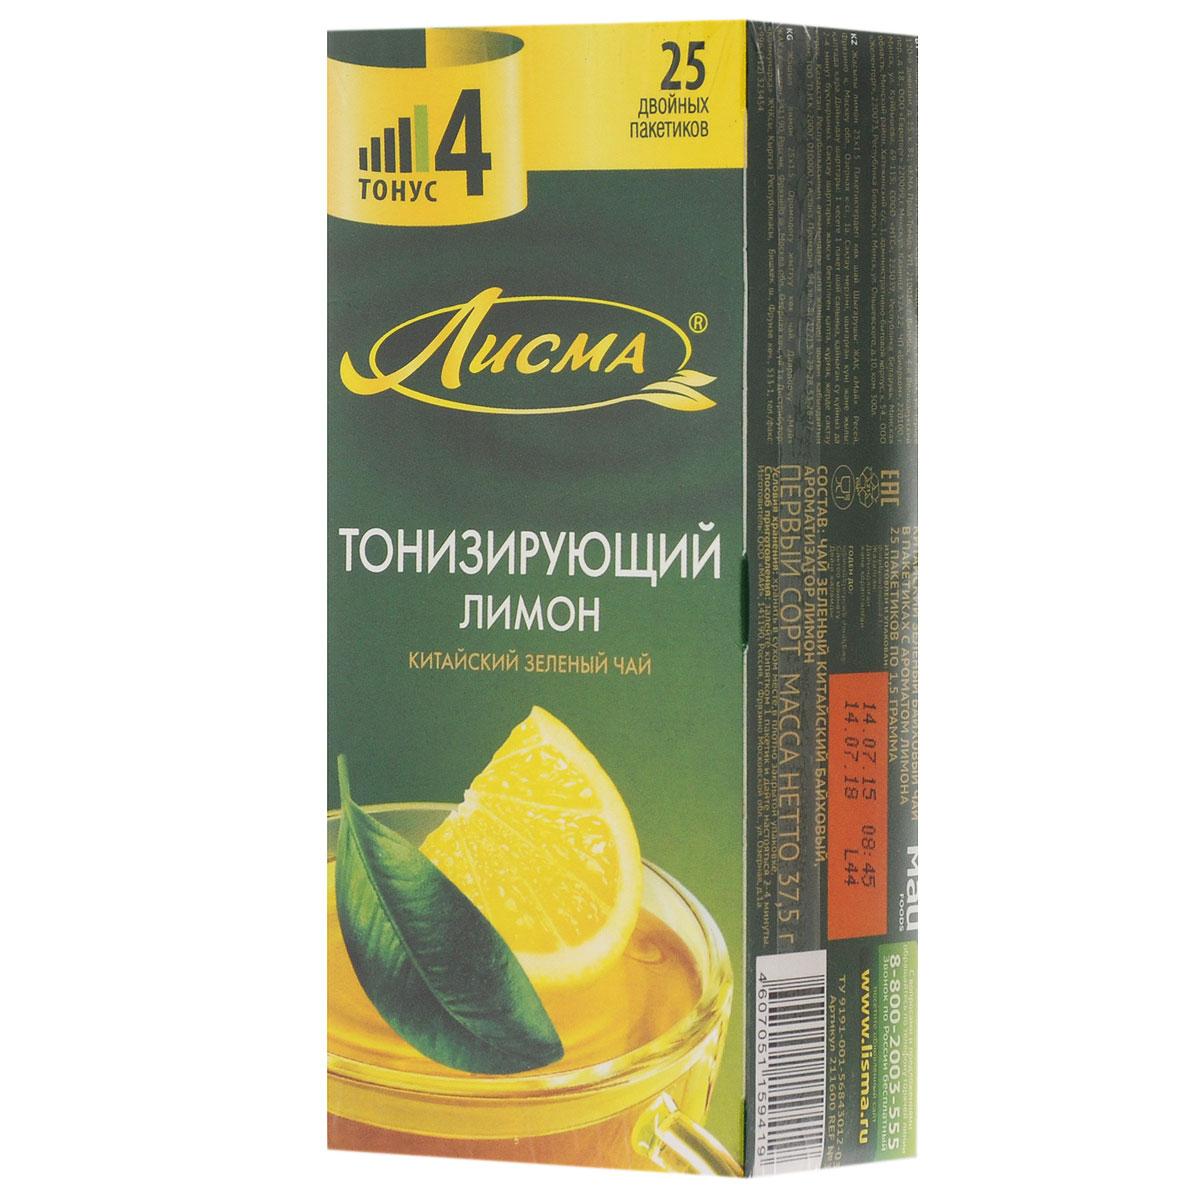 Лисма Тонизирующий лимон зеленый чай в пакетиках, 25 шт211600Чай Лисма Тонизирующий лимон поднимет вам настроение и подарит заряд позитива на целый день. Гармоничное сочетание зелёного чая с освежающим вкусом и ароматом лимона.